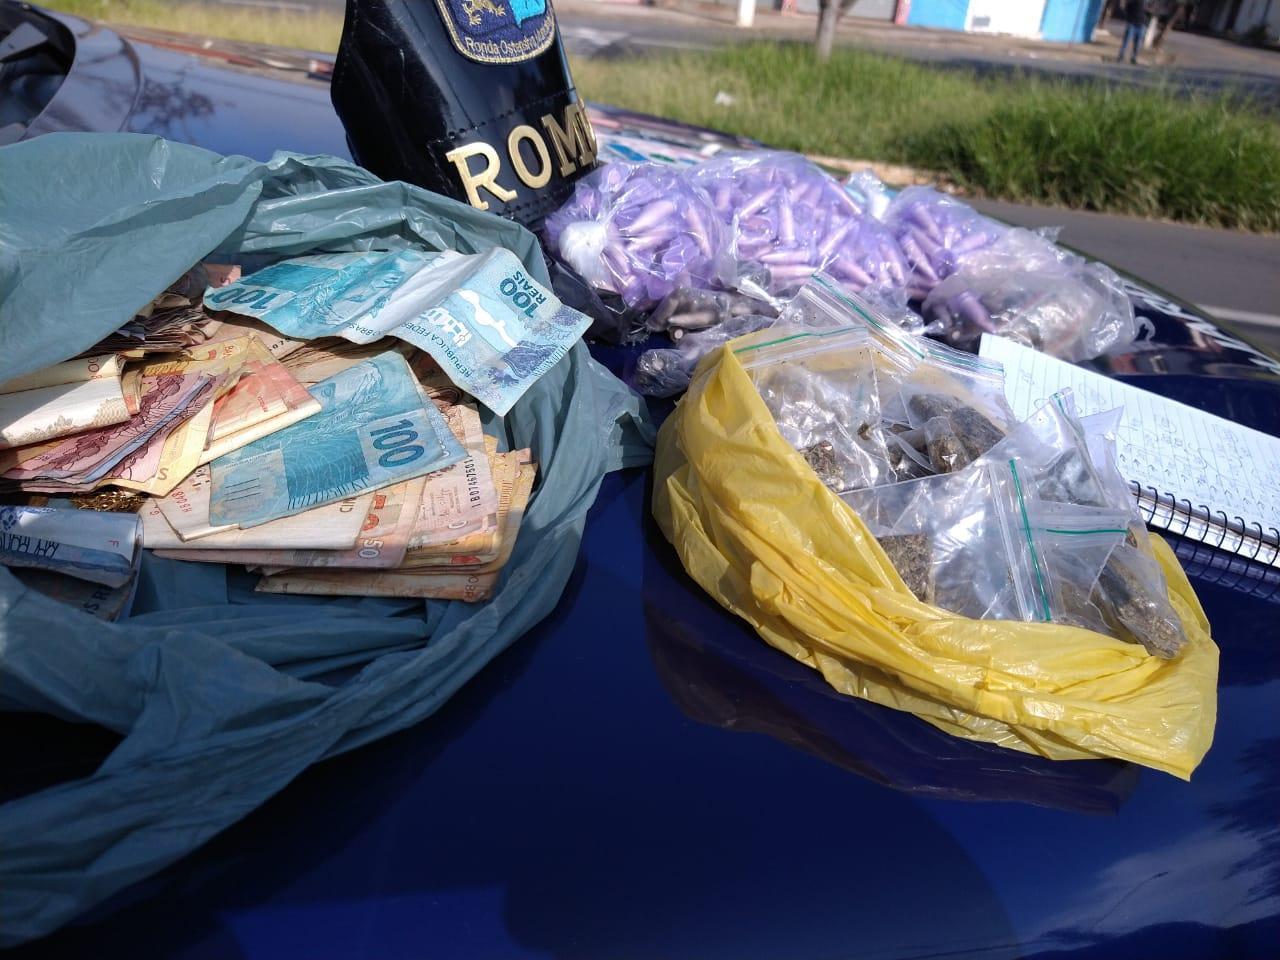 GCM de Limeira detém suspeito de ser gerente do tráfico de drogas